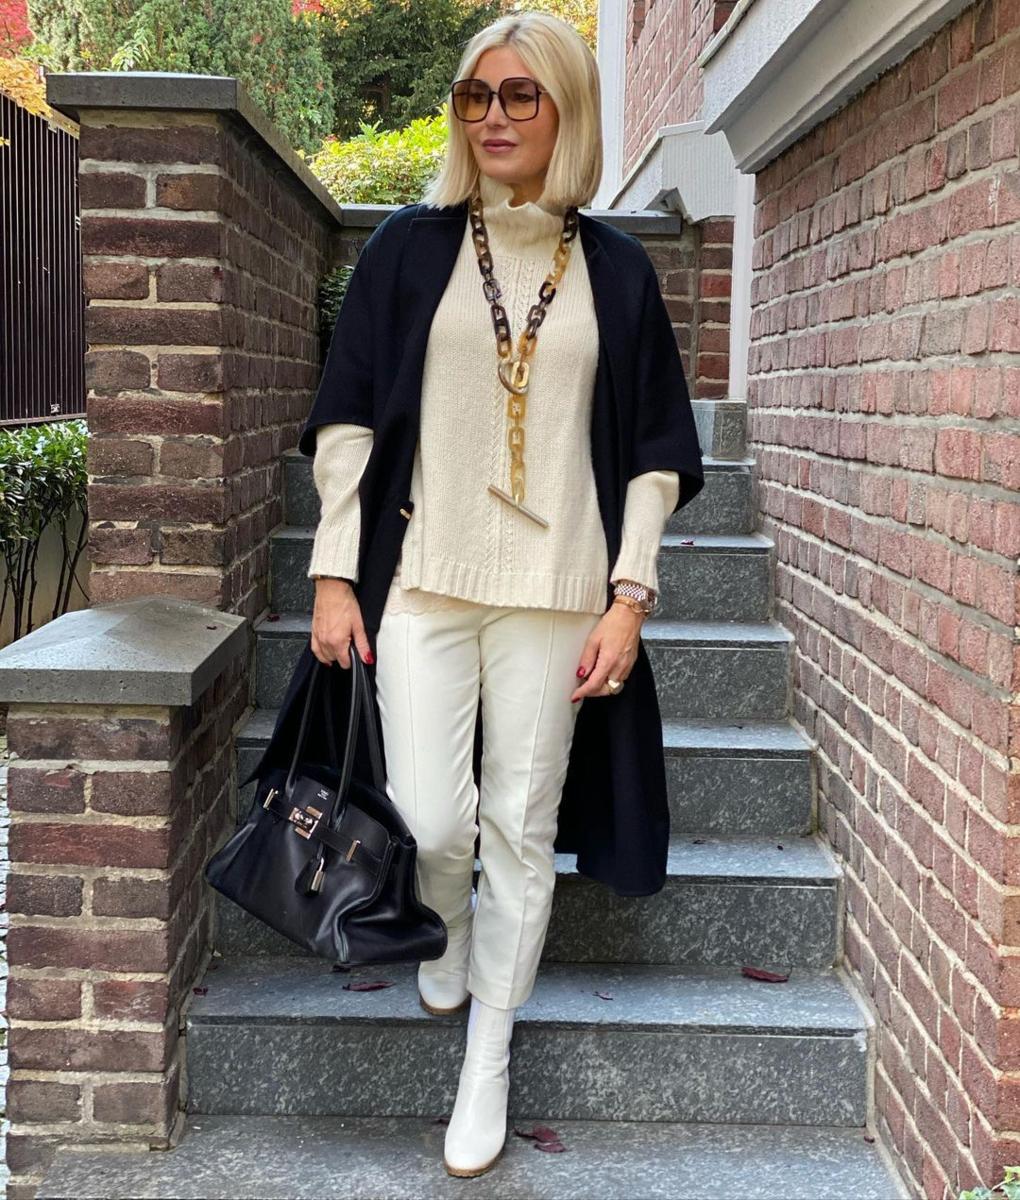 Фото 1 - стилист, модный блогер Петра Динерс.